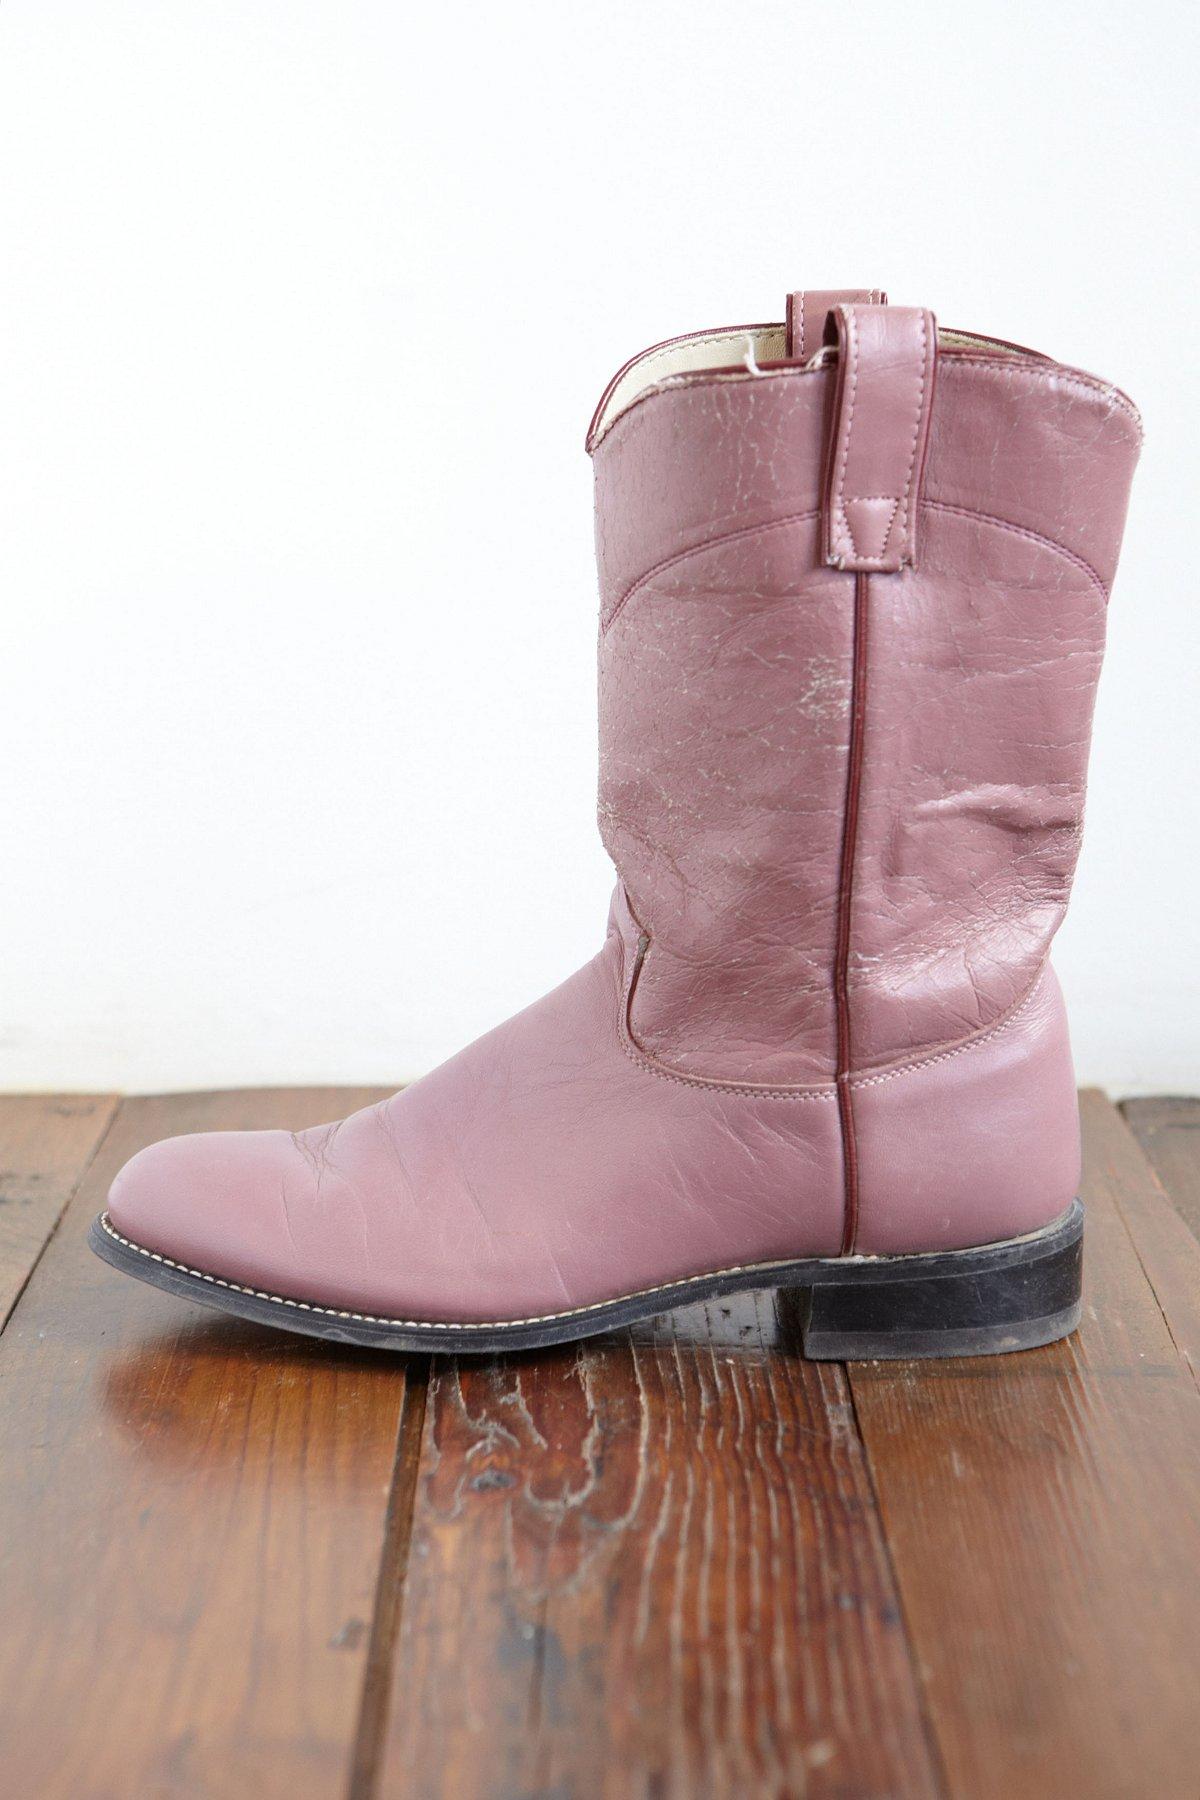 Vintage Purple Leather Cowboy Boots